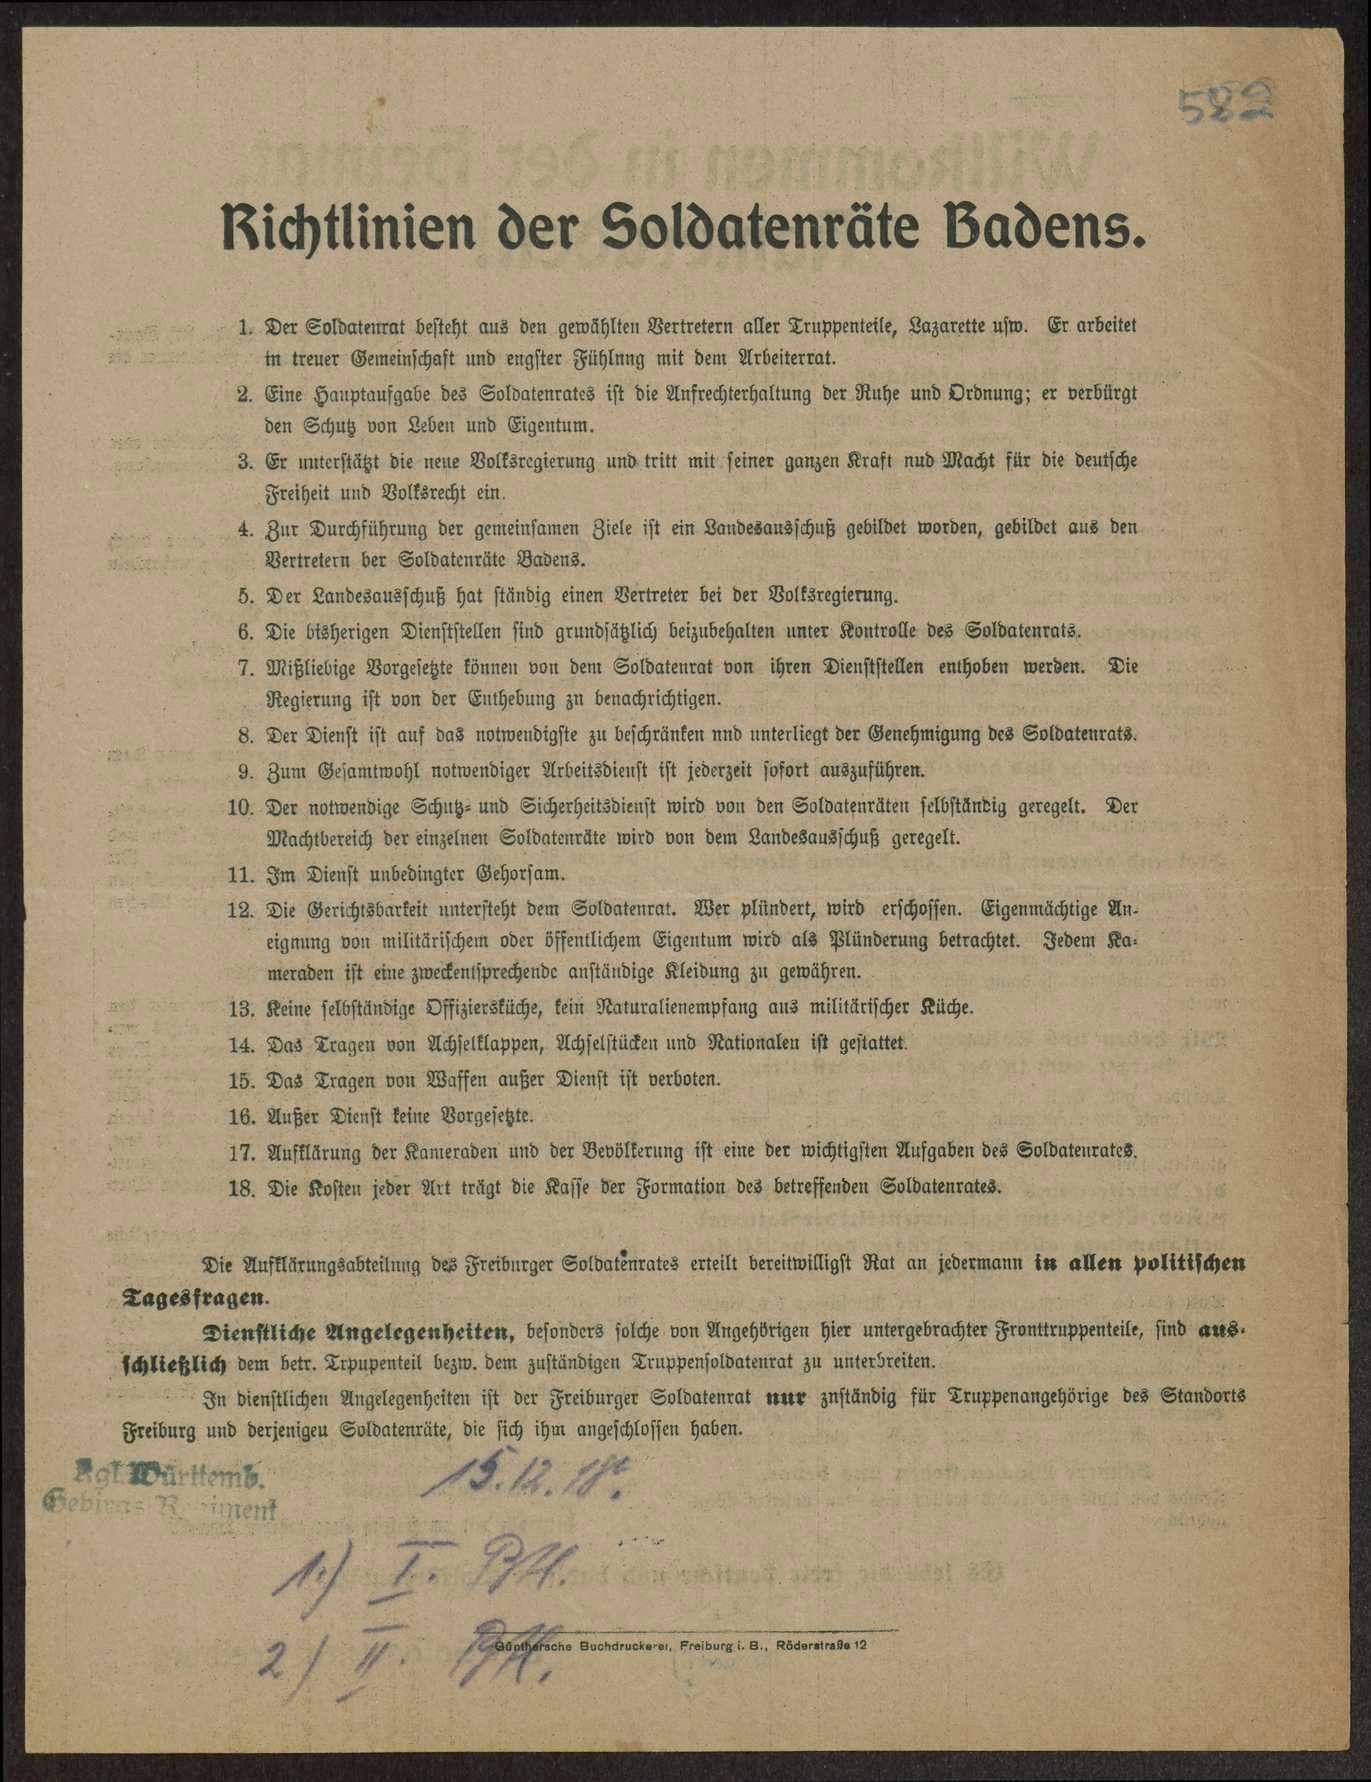 Richtlinien von Soldatenräten auswärtiger Truppenteile, Bild 2